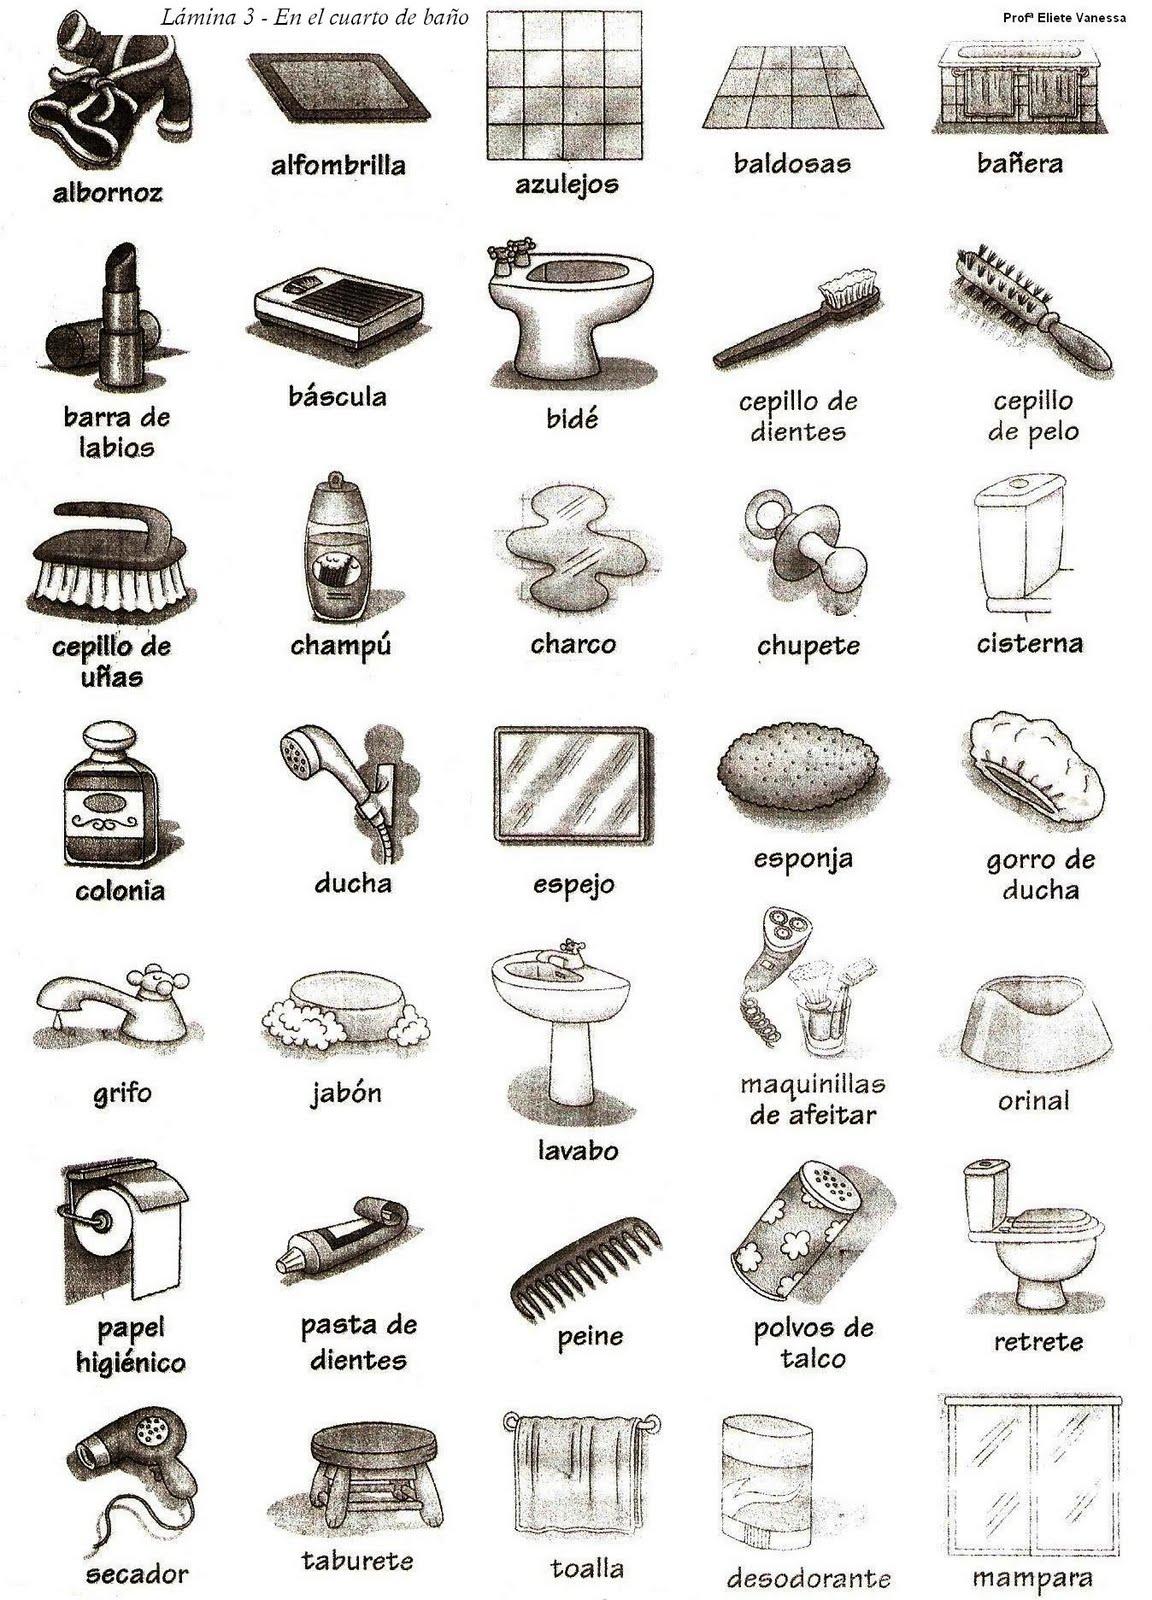 imagenes de objetos del ba o